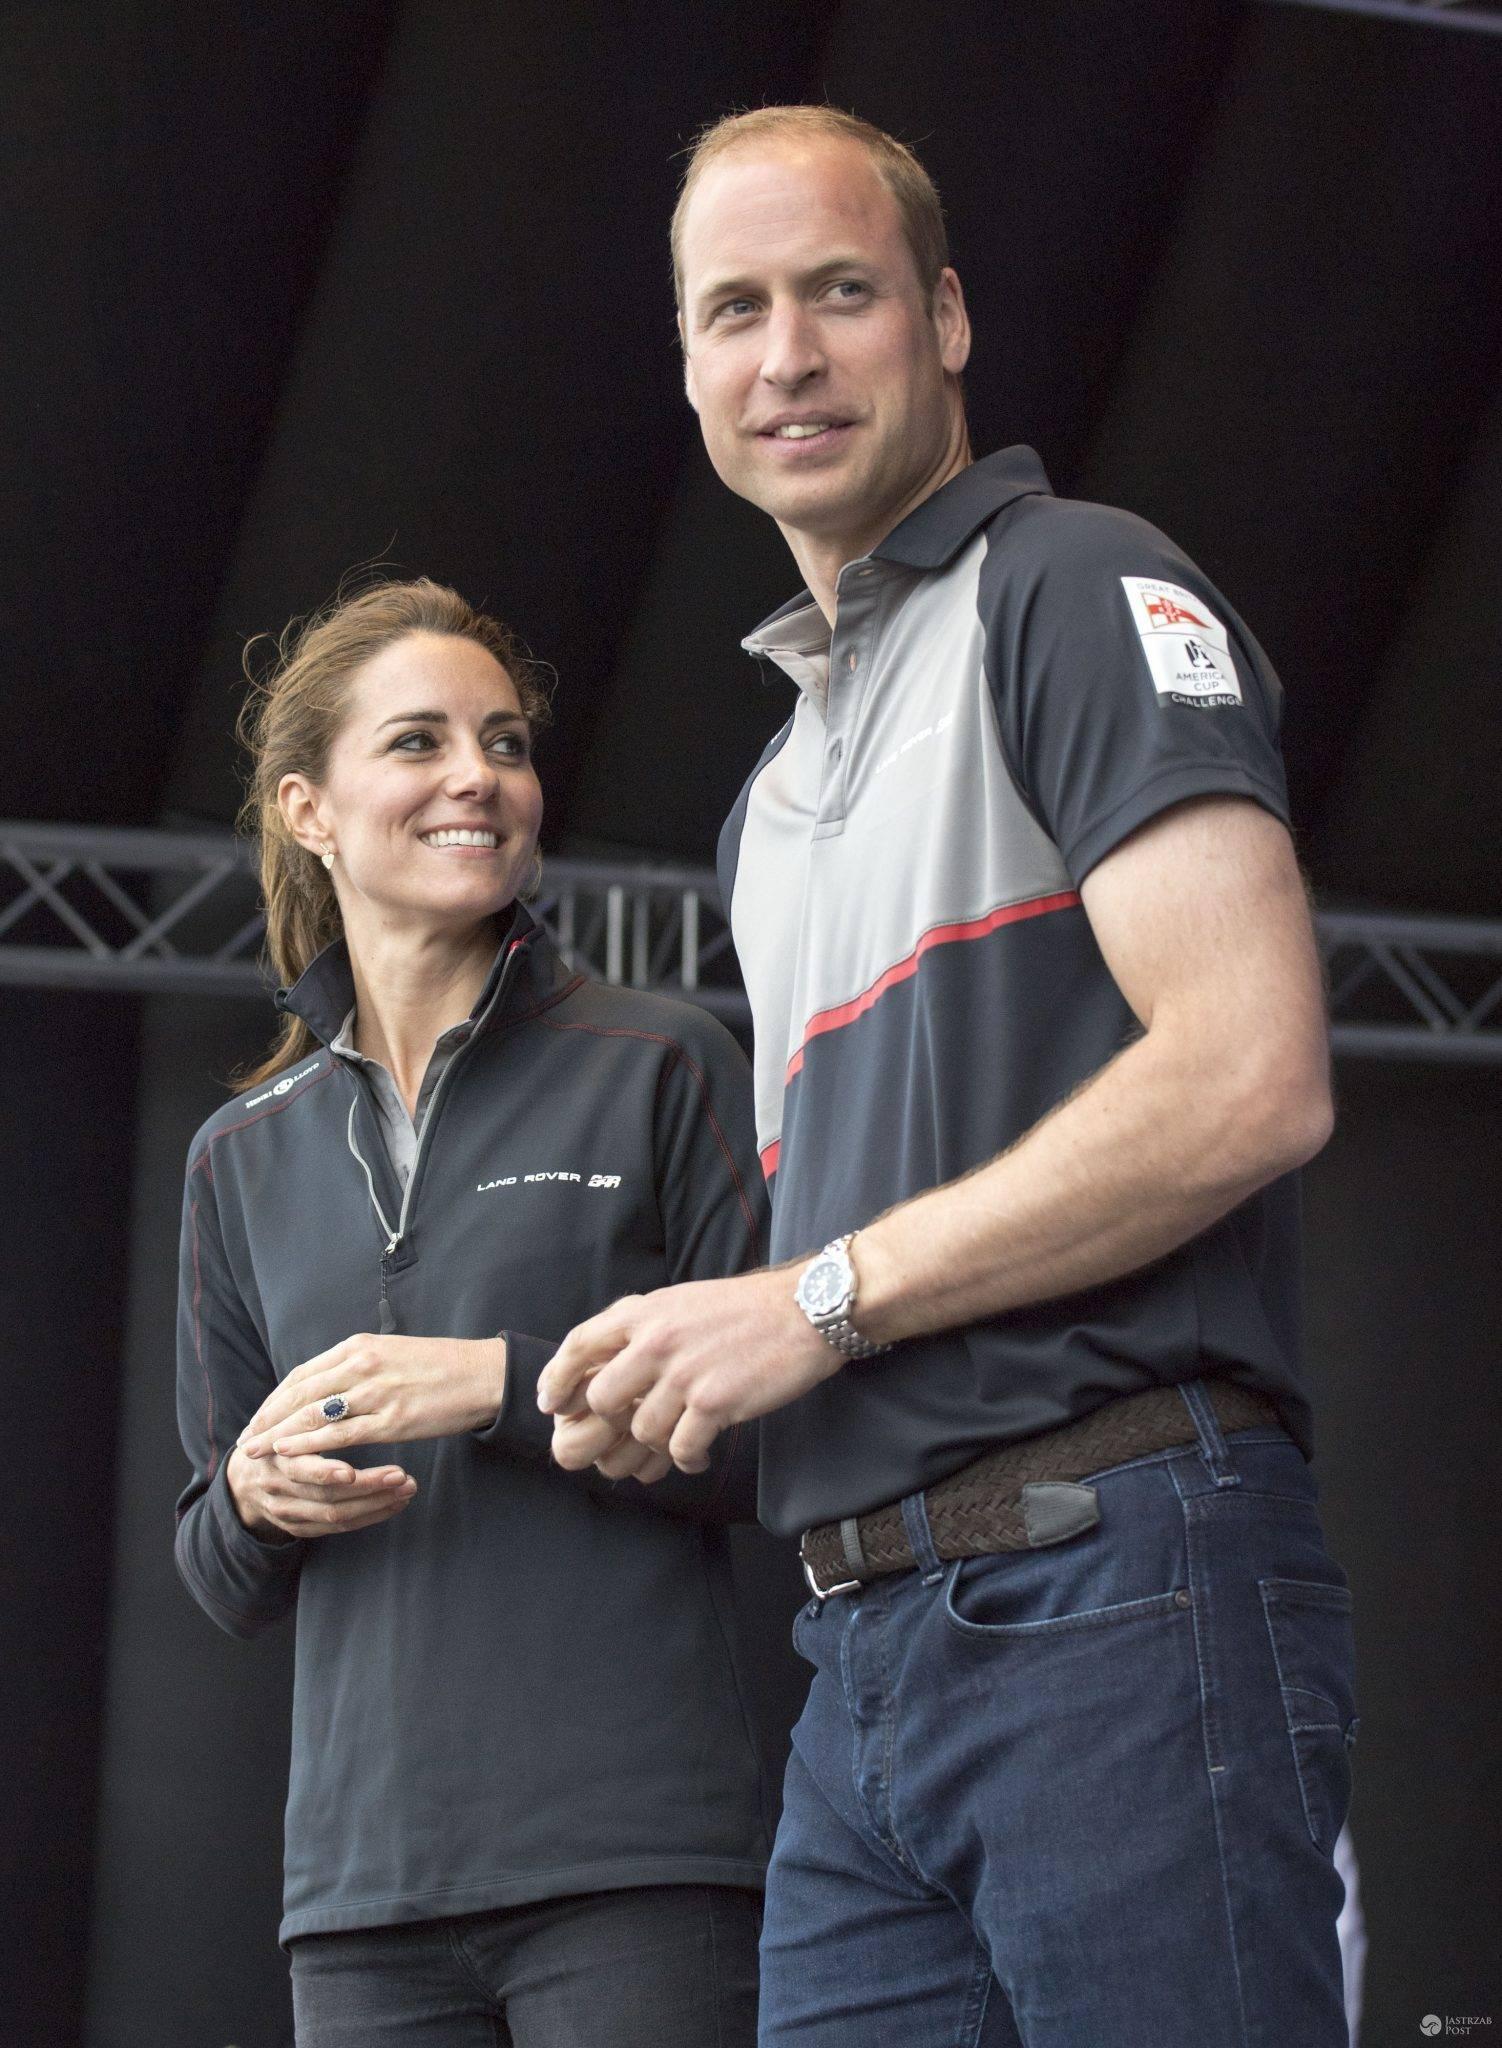 Książę William i księżna Kate na zawodach żeglarskich America's Cup w Portsmouth (fot. ONS)